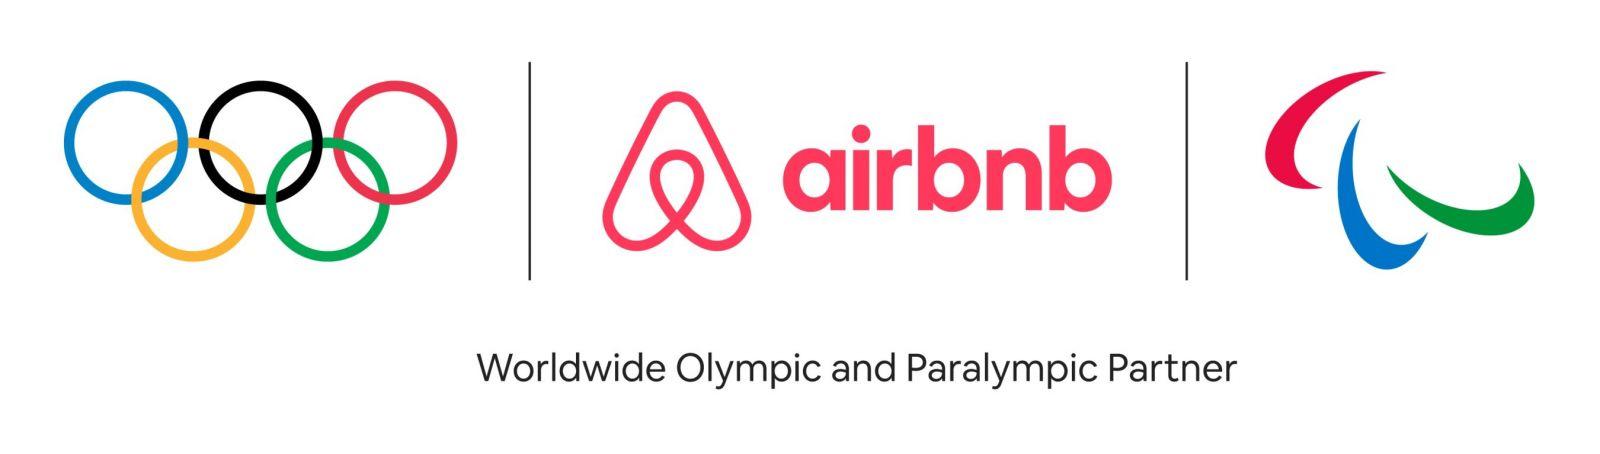 МПК, МОК и Airbnb объявляют о летнем онлайн-фестивале впечатлений олимпийцев и паралимпийцев